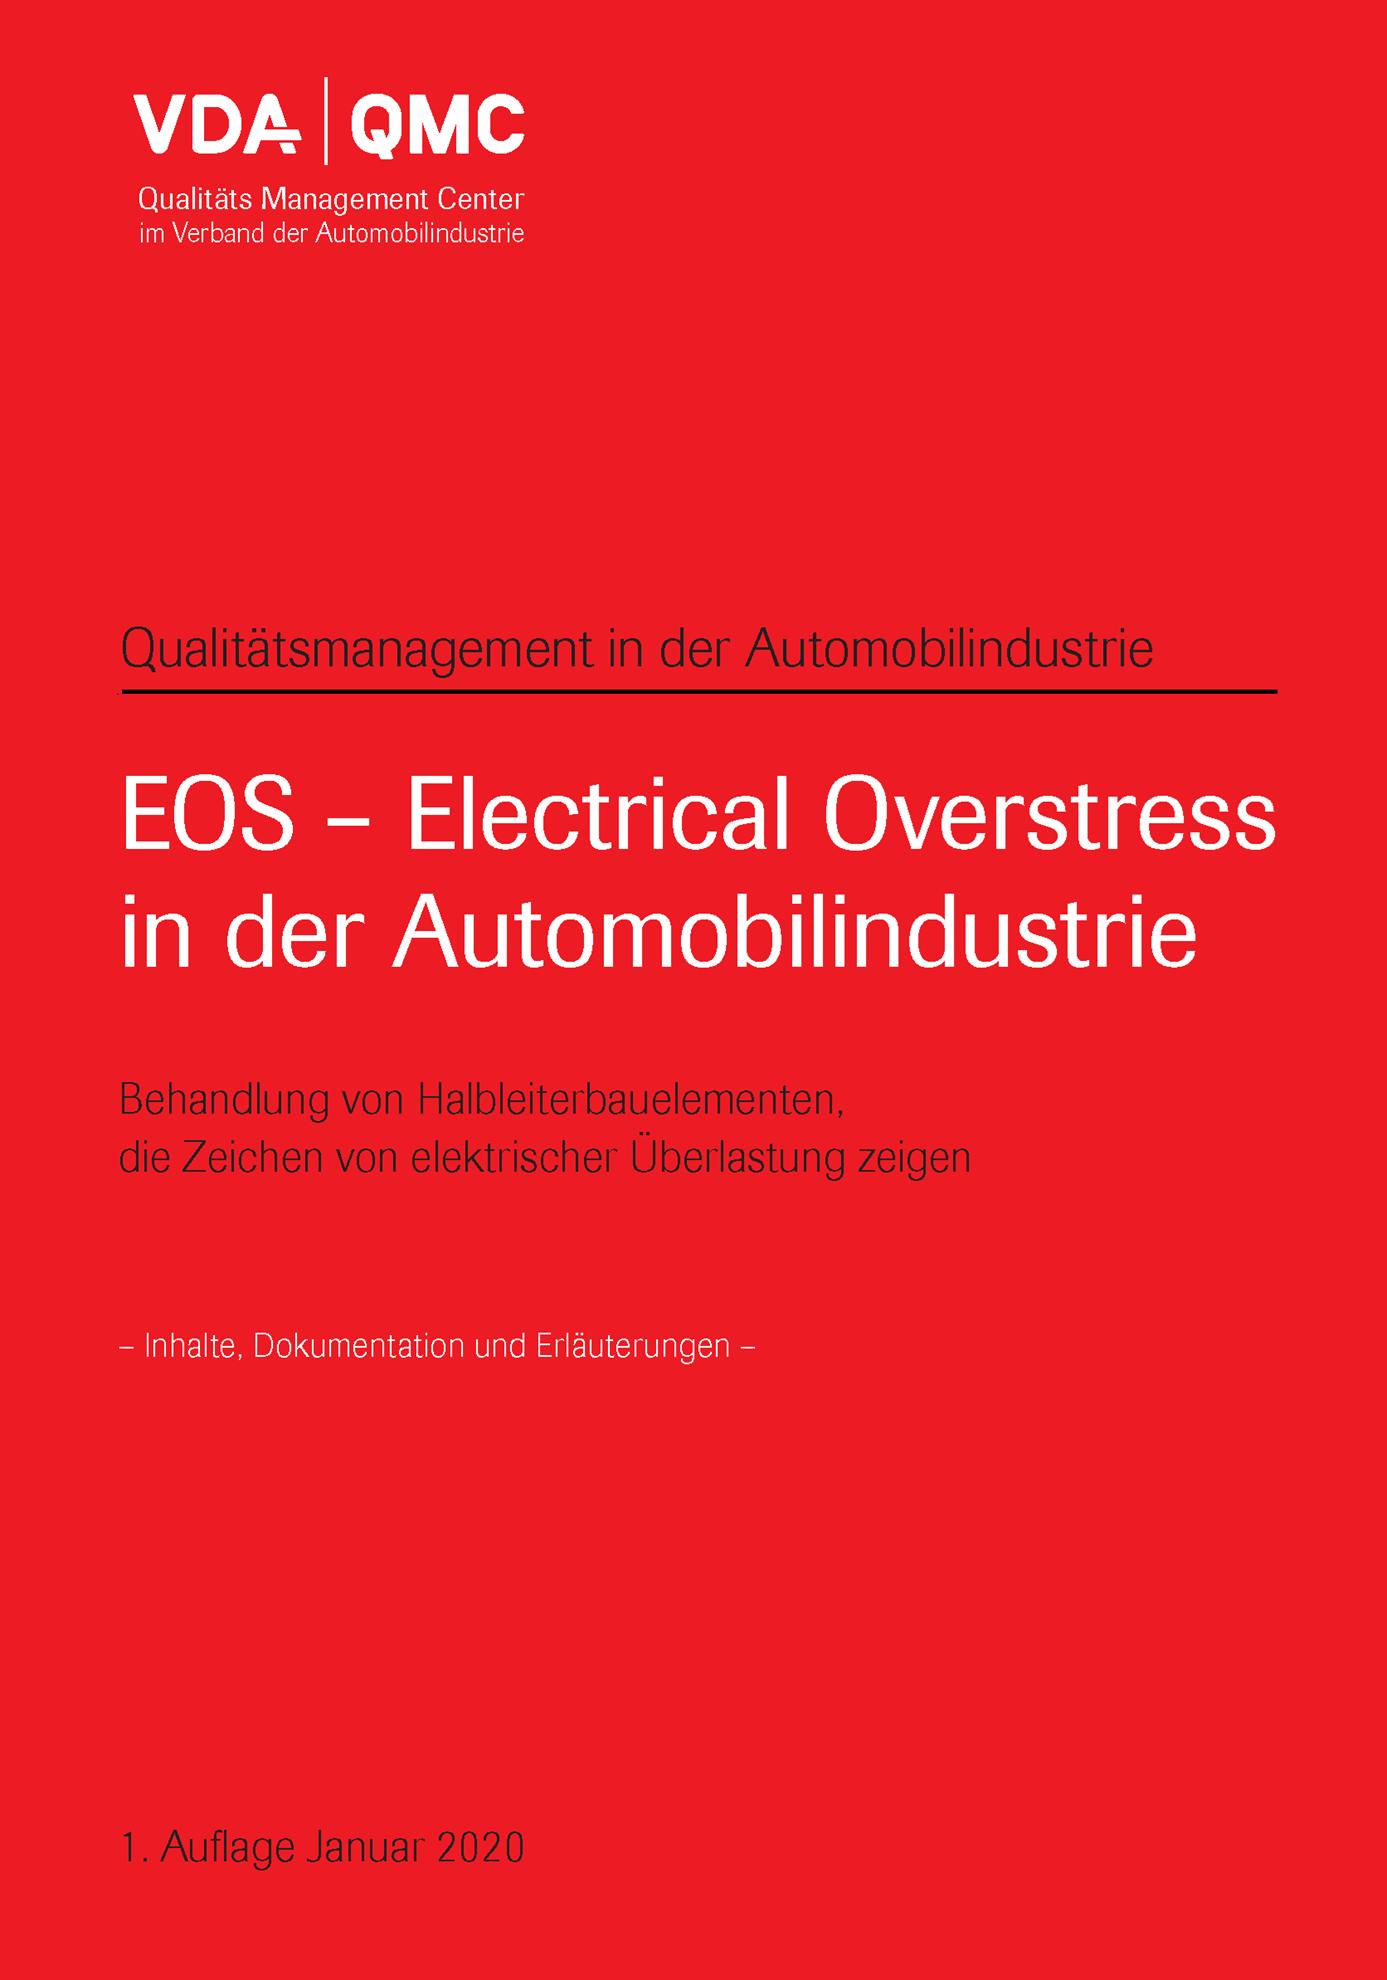 Bild von EOS-Electrical Overstress_DEUTSCH